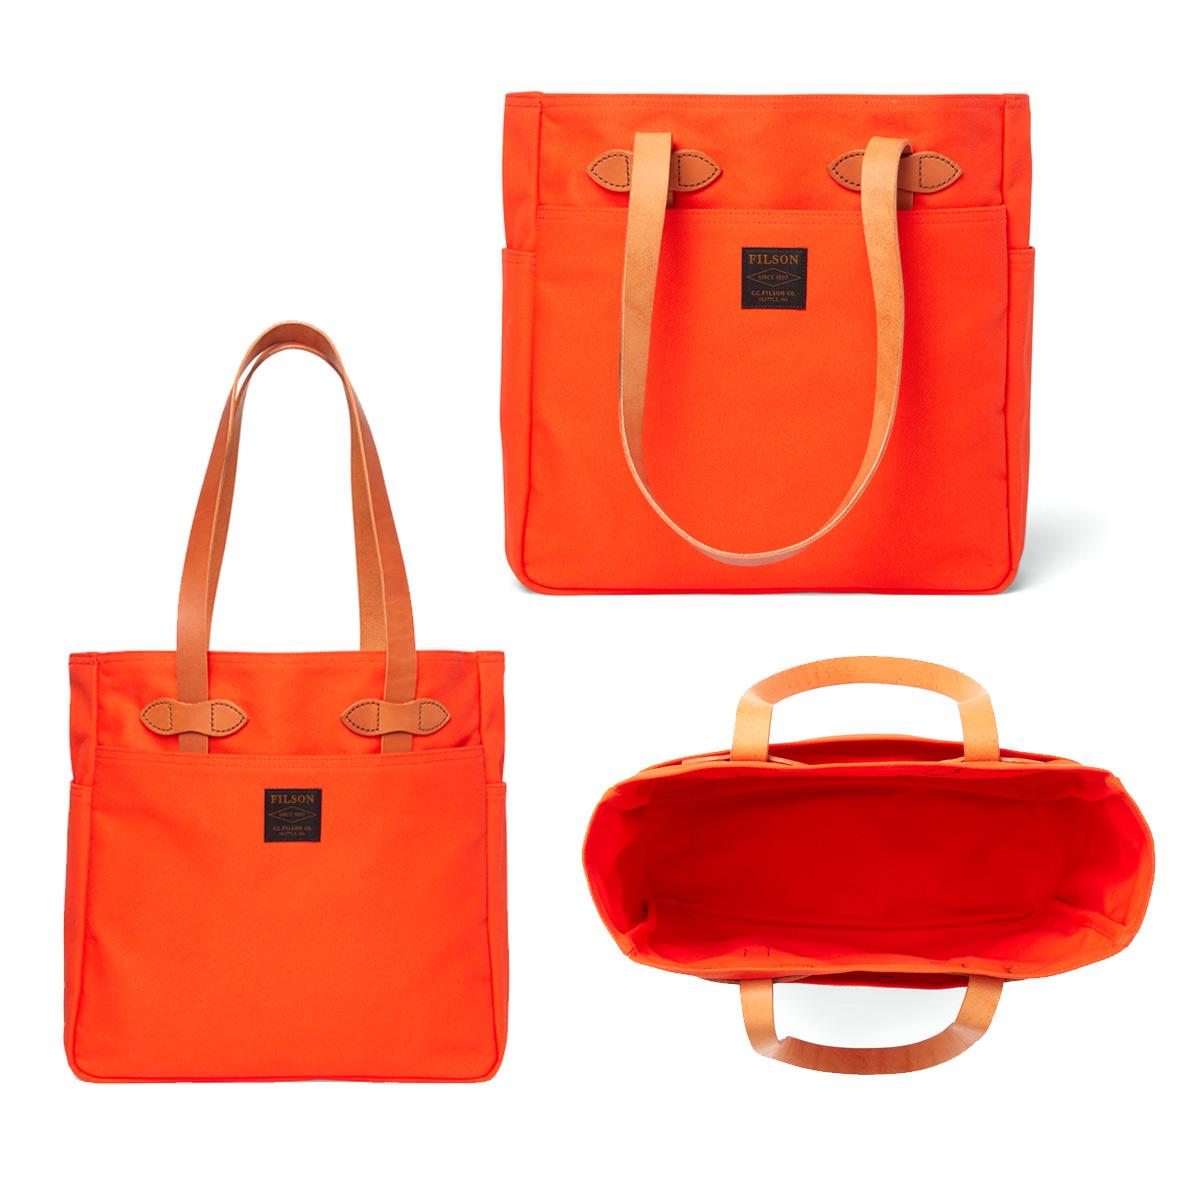 Filson Rugged Twill Tote Bag Pheasant Red, für Männer und Frauen mit Stil und Liebe zur Qualität